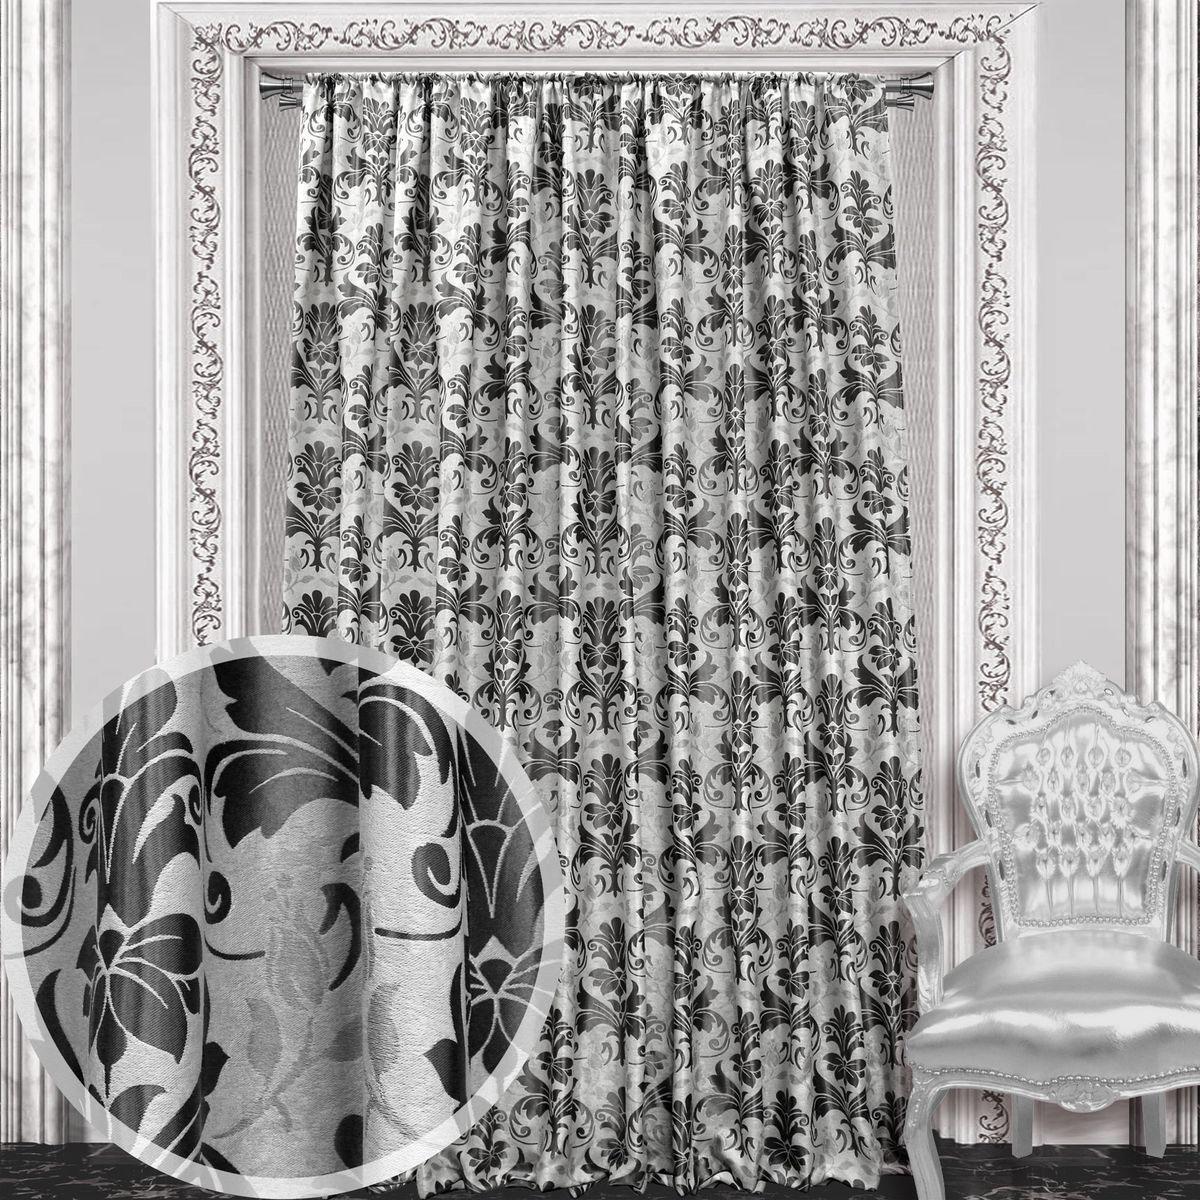 Штора Amore Mio, 200 х 270 см, 1 шт., цвет: черный. 8604886048